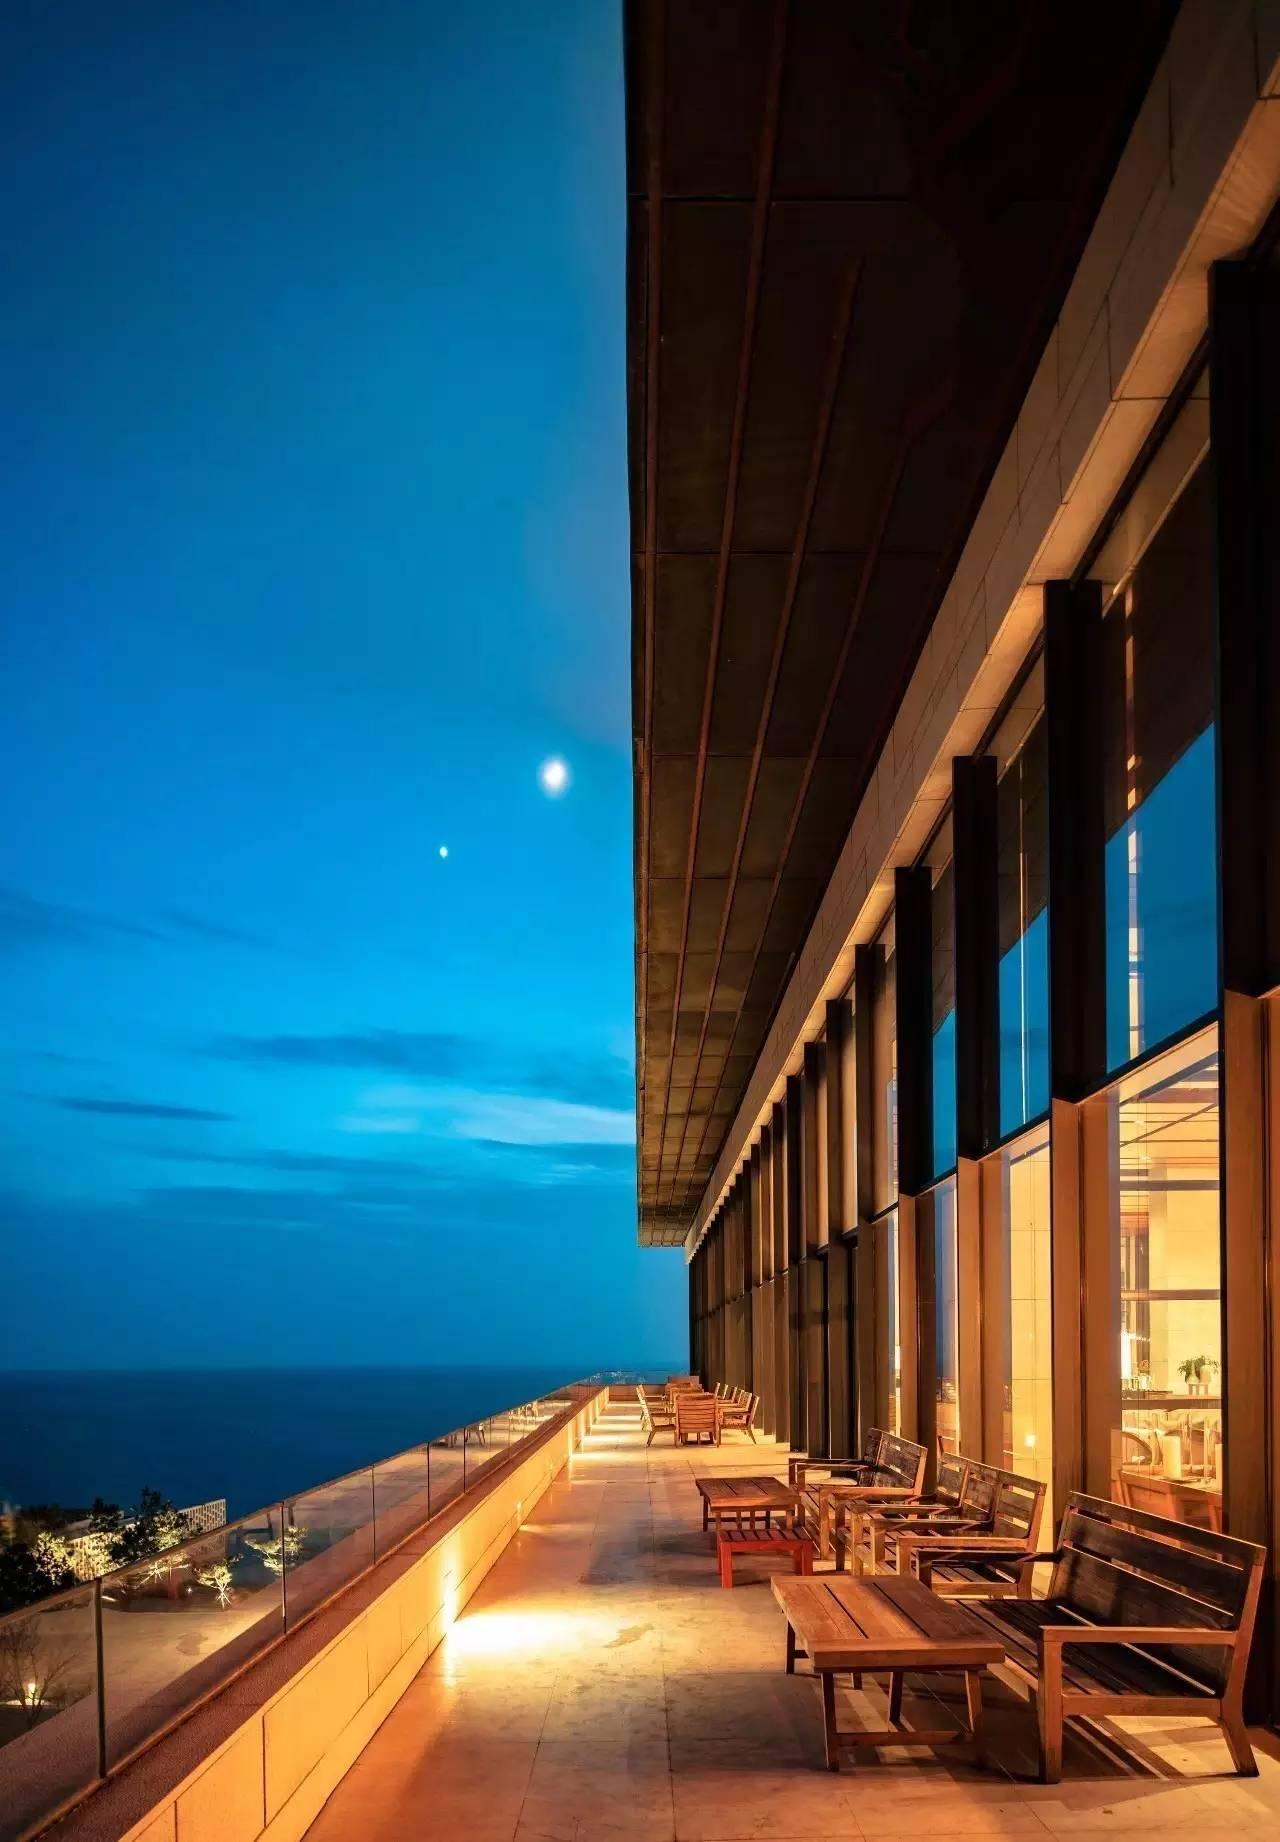 国内最值得泡的温泉酒店 TOP10